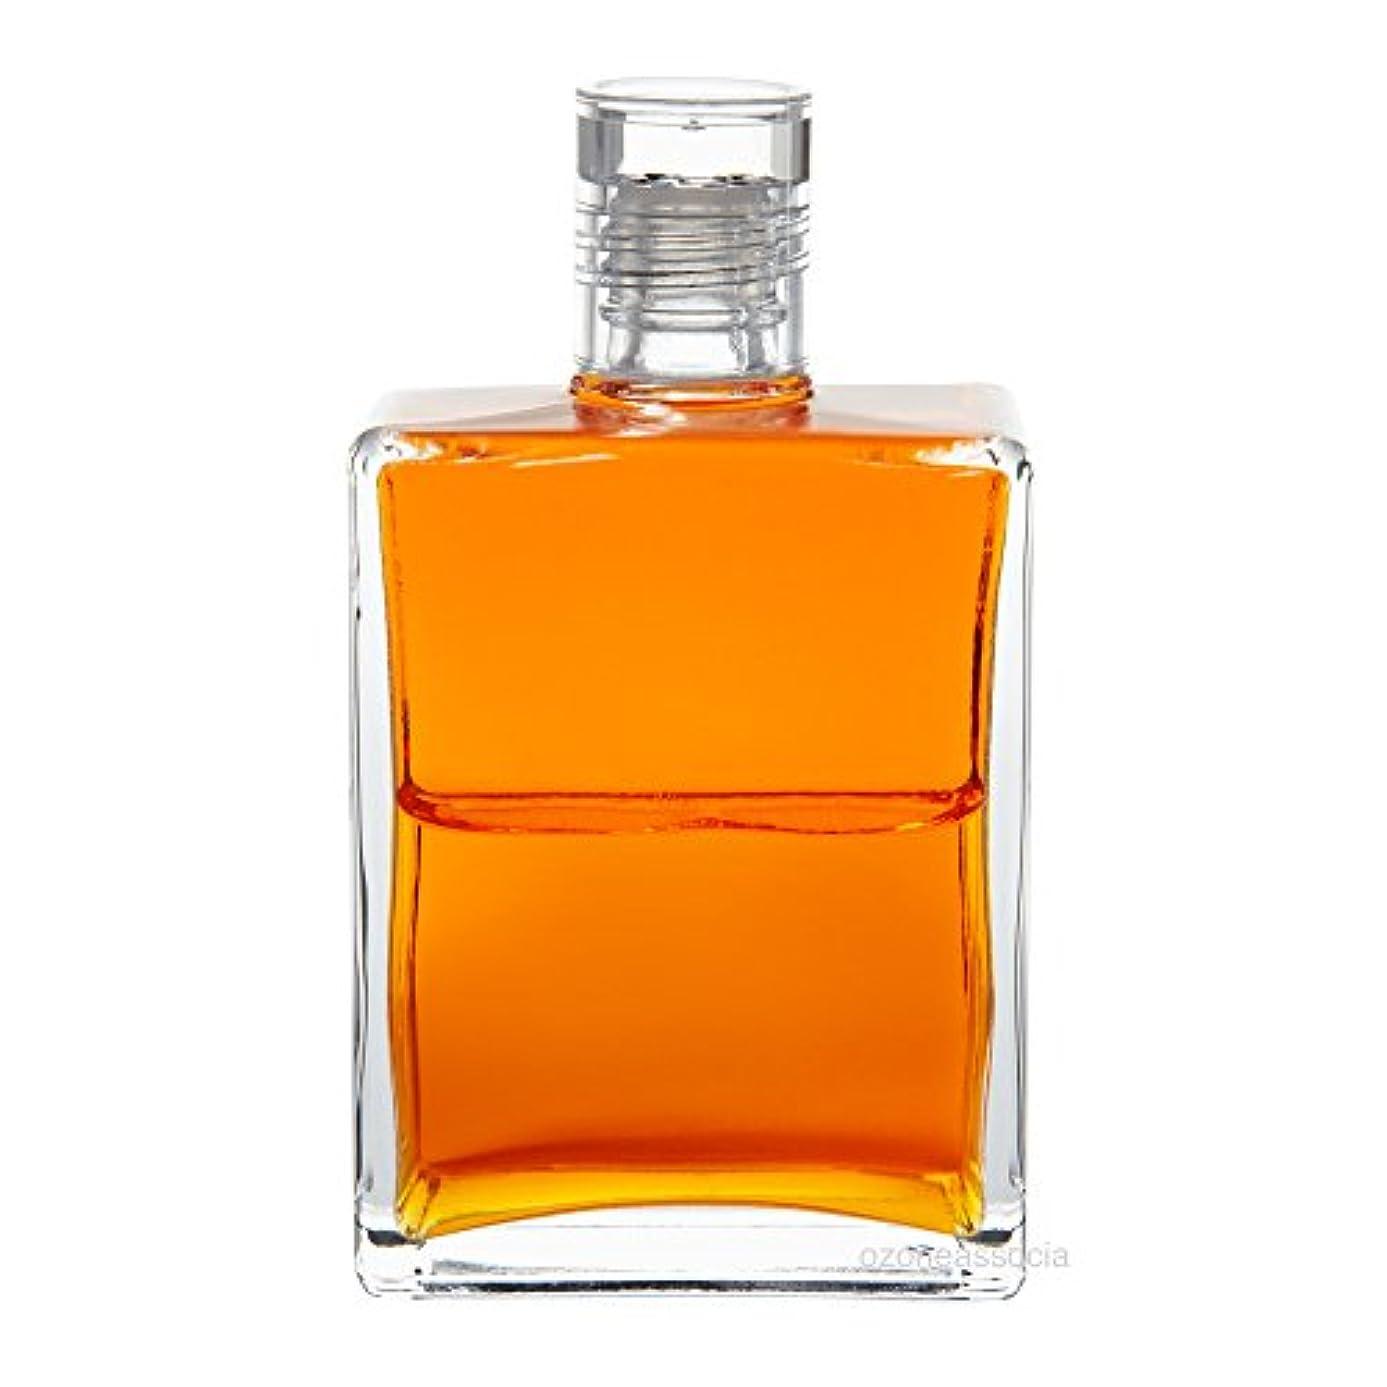 マットレス引数パールオーラソーマ ボトル 26番  エーテルレスキュー/パンプティ?ダンプティボトル (オレンジ/オレンジ) イクイリブリアムボトル50ml Aurasoma